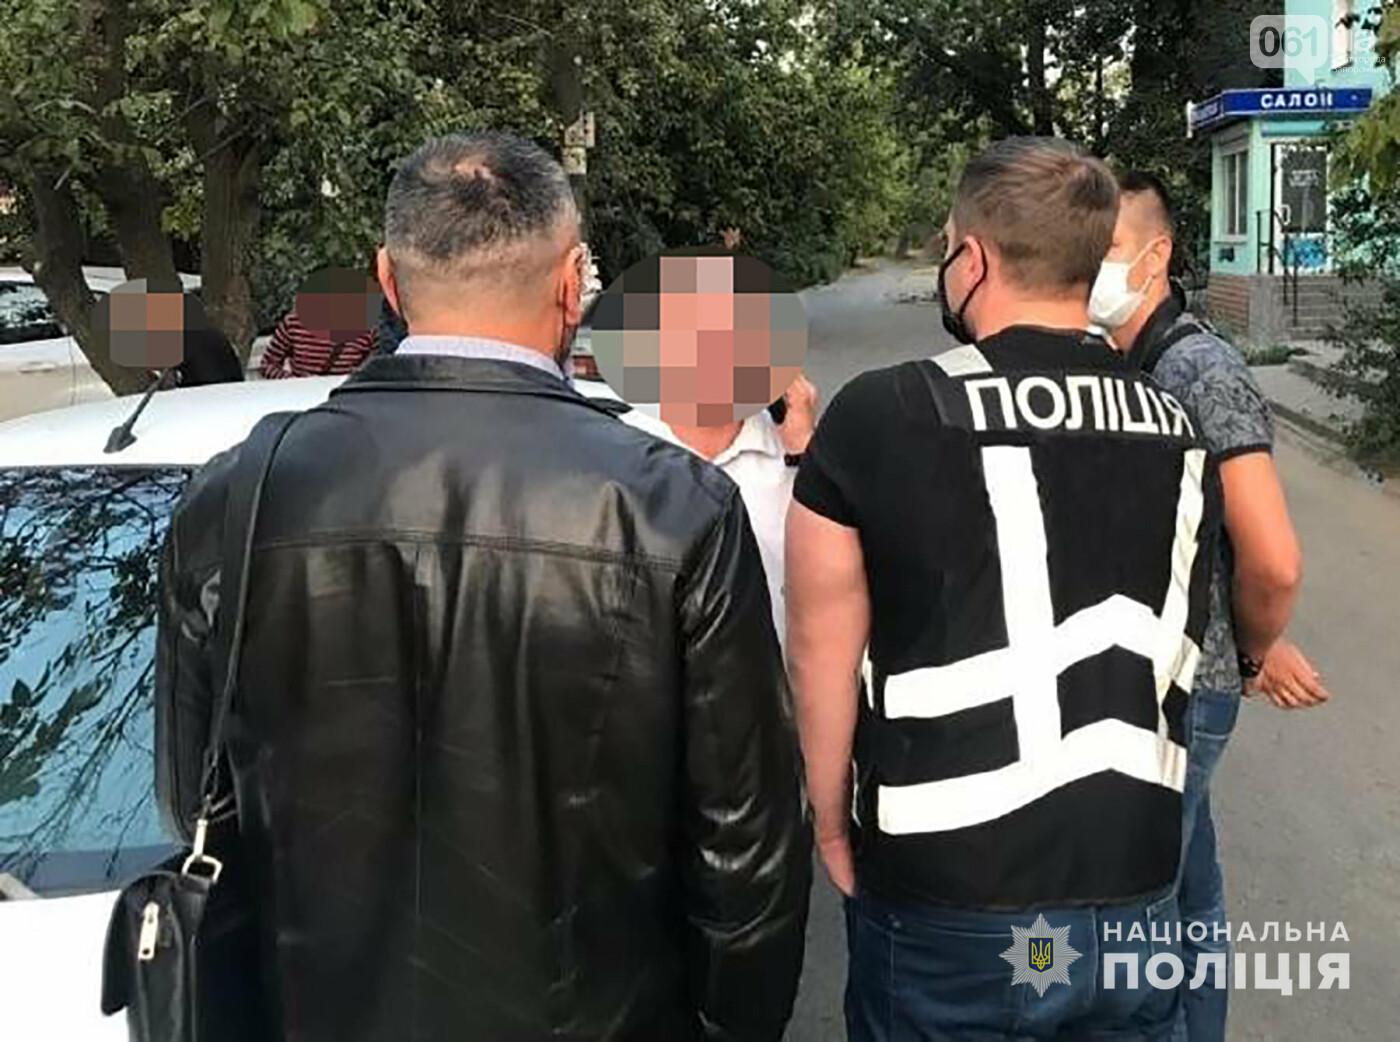 В Запорожье полиция поймала подозреваемого сутенера, который вовлекал женщин в занятие проституцией, фото-3